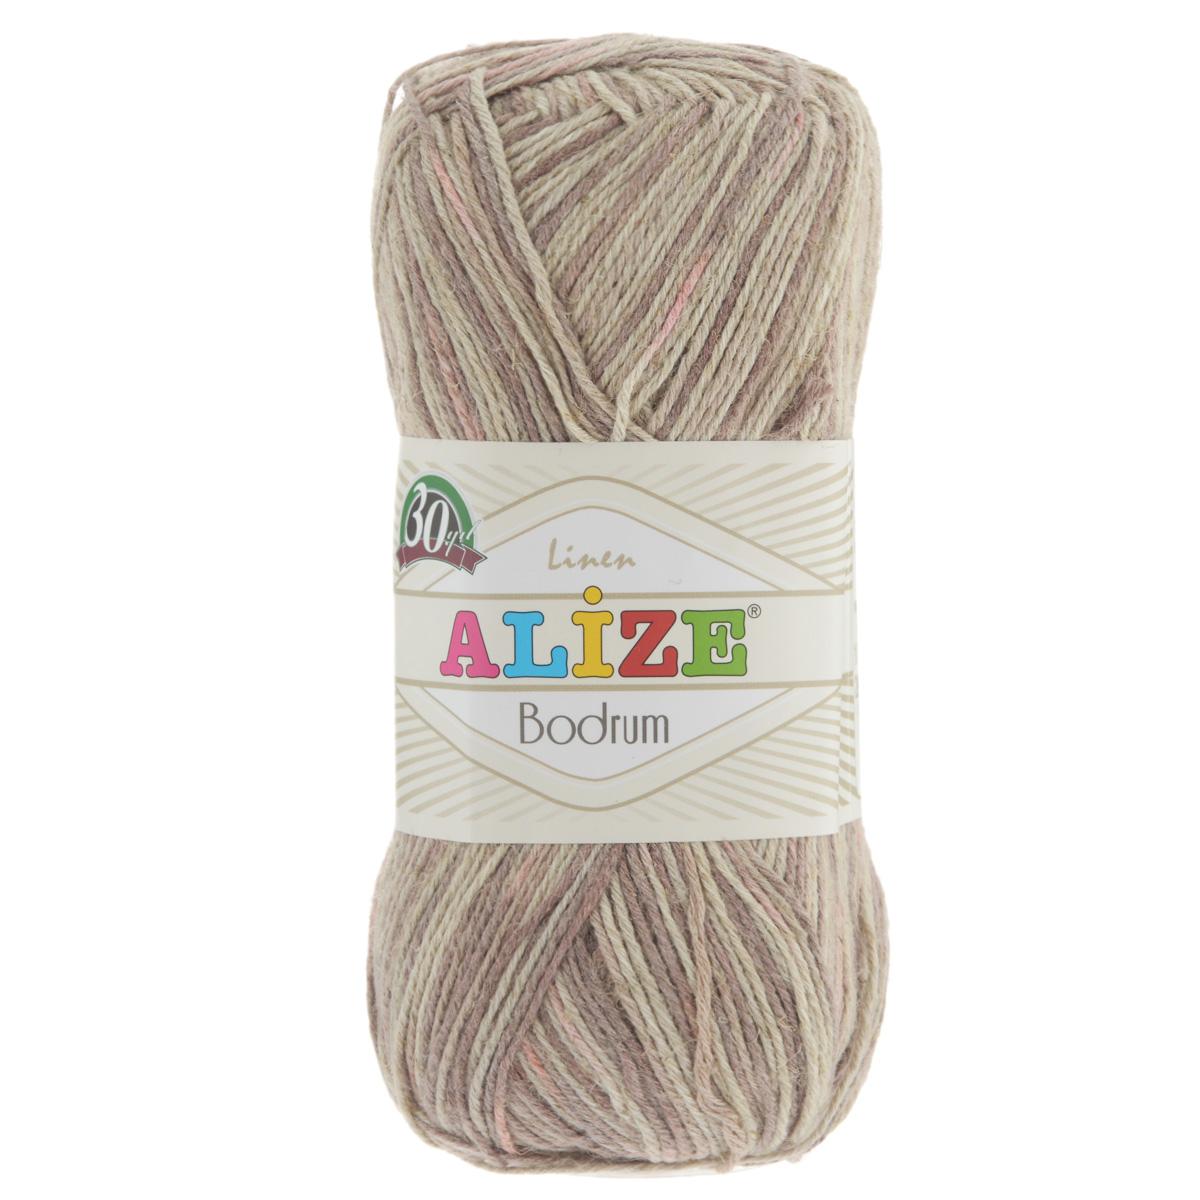 Пряжа для вязания Alize Bodrum, цвет: бежевый, коричневый, розовый (51429), 280 м, 100 г, 5 шт697547_51429Пряжа для вязания Alize Bodrum с натуральной цветовой гаммой подходит для ручного вязания детям и взрослым. Приятная на ощупь нить сочетает в себе лен и полиэстер. Такая пряжа идеально подойдет для вязания весенних и летних изделий. Рекомендованные спицы 3-5 мм и крючок для вязания 2-3 мм. Комплектация: 5 мотков. Состав: 48% лен, 52% полиэстер. Рекомендована ручная стирка.